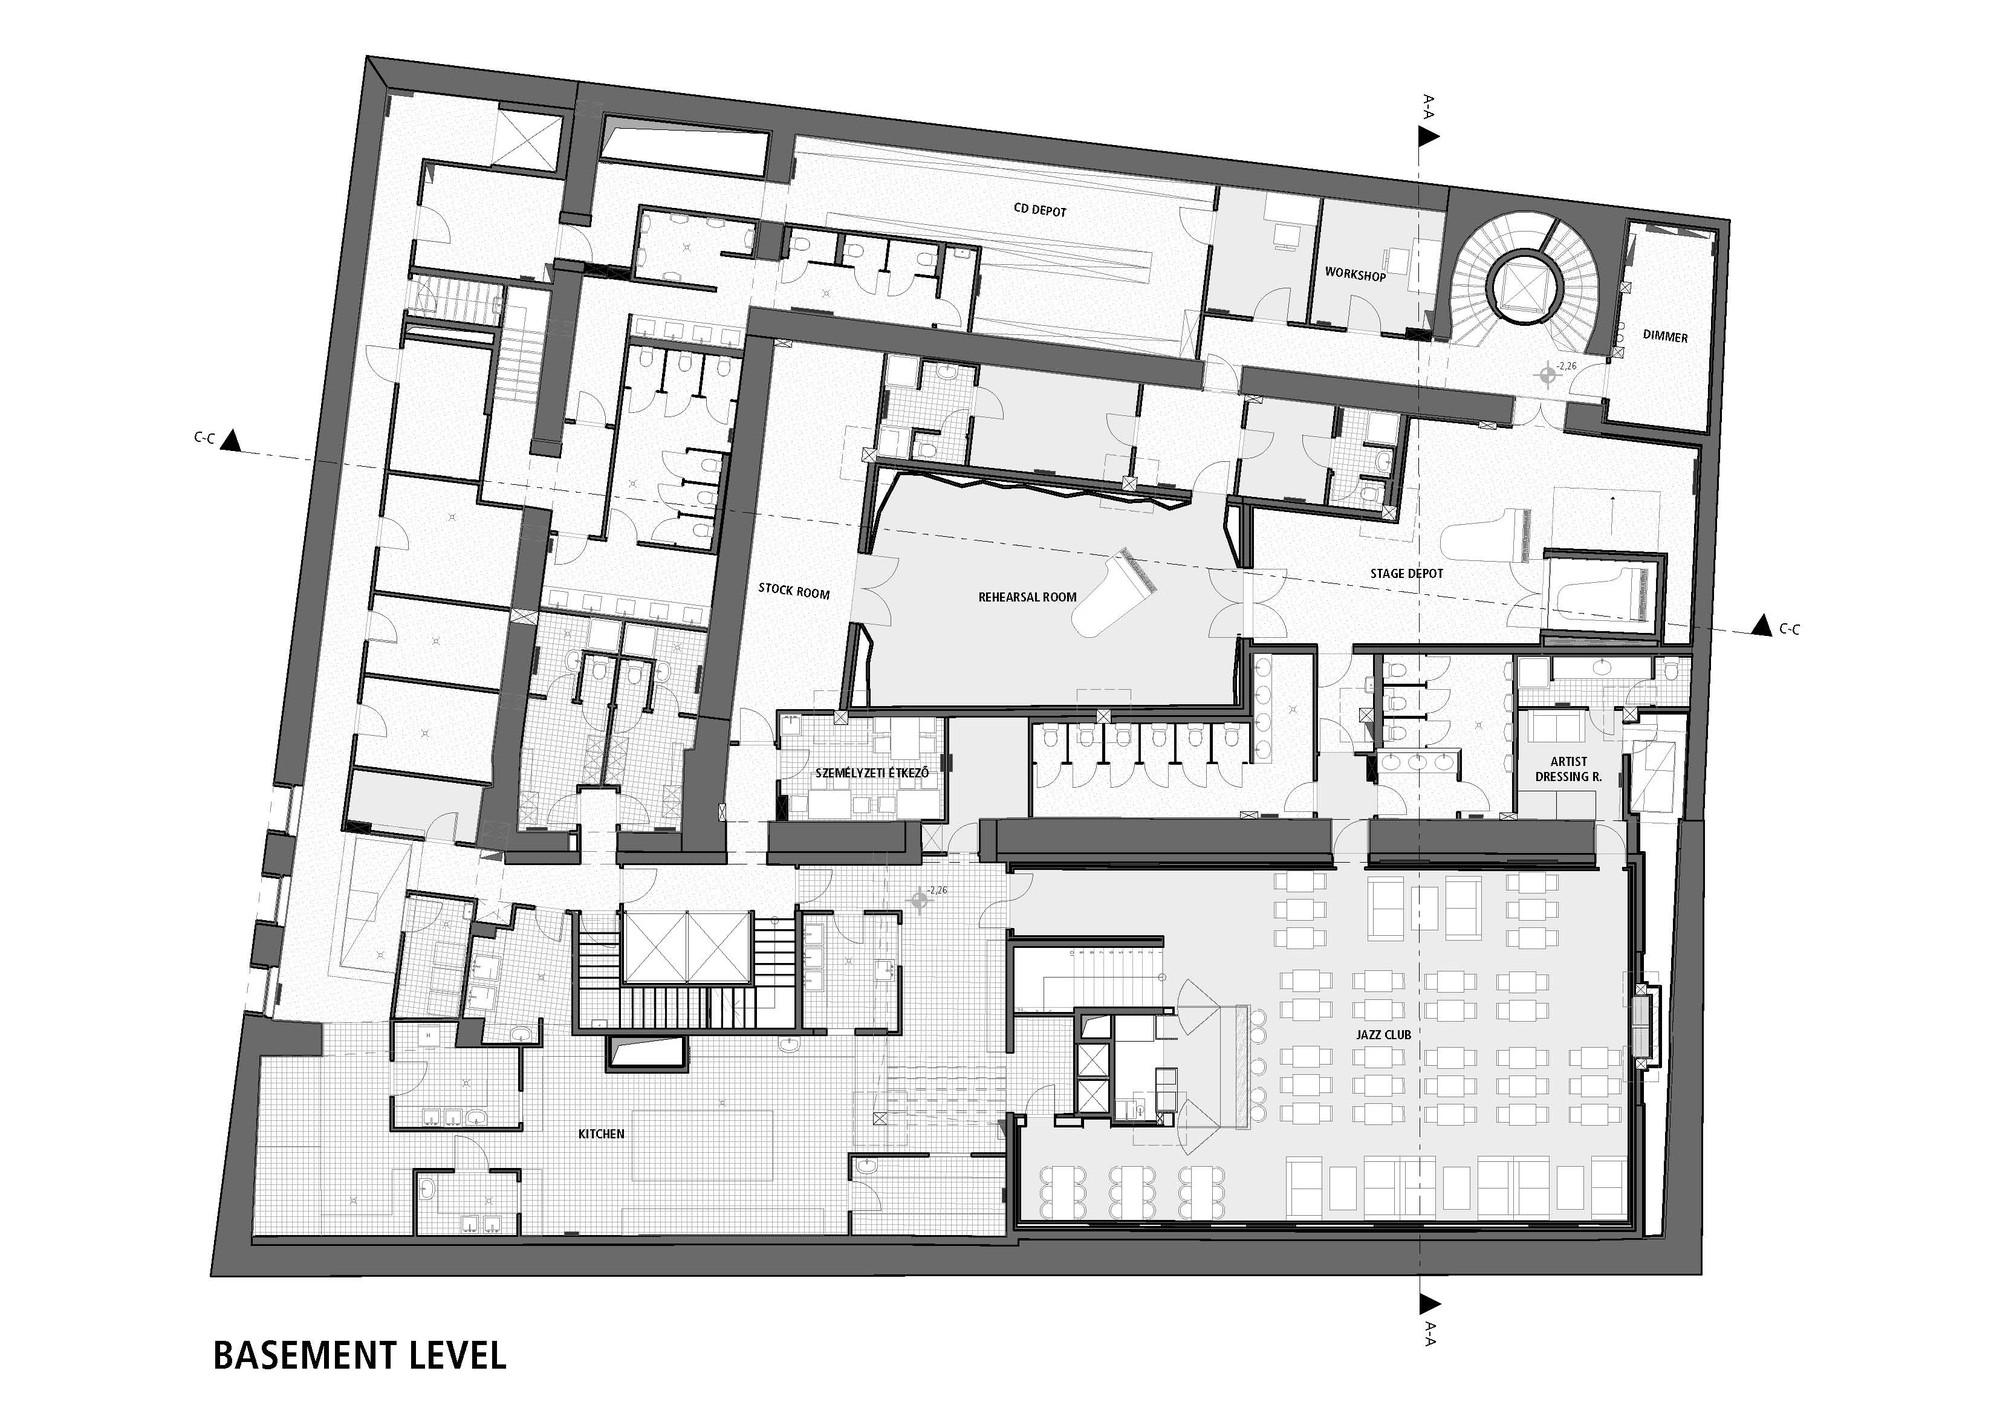 Gallery of budapest music center art1st design studio 29 for Design apartment 2 budapest